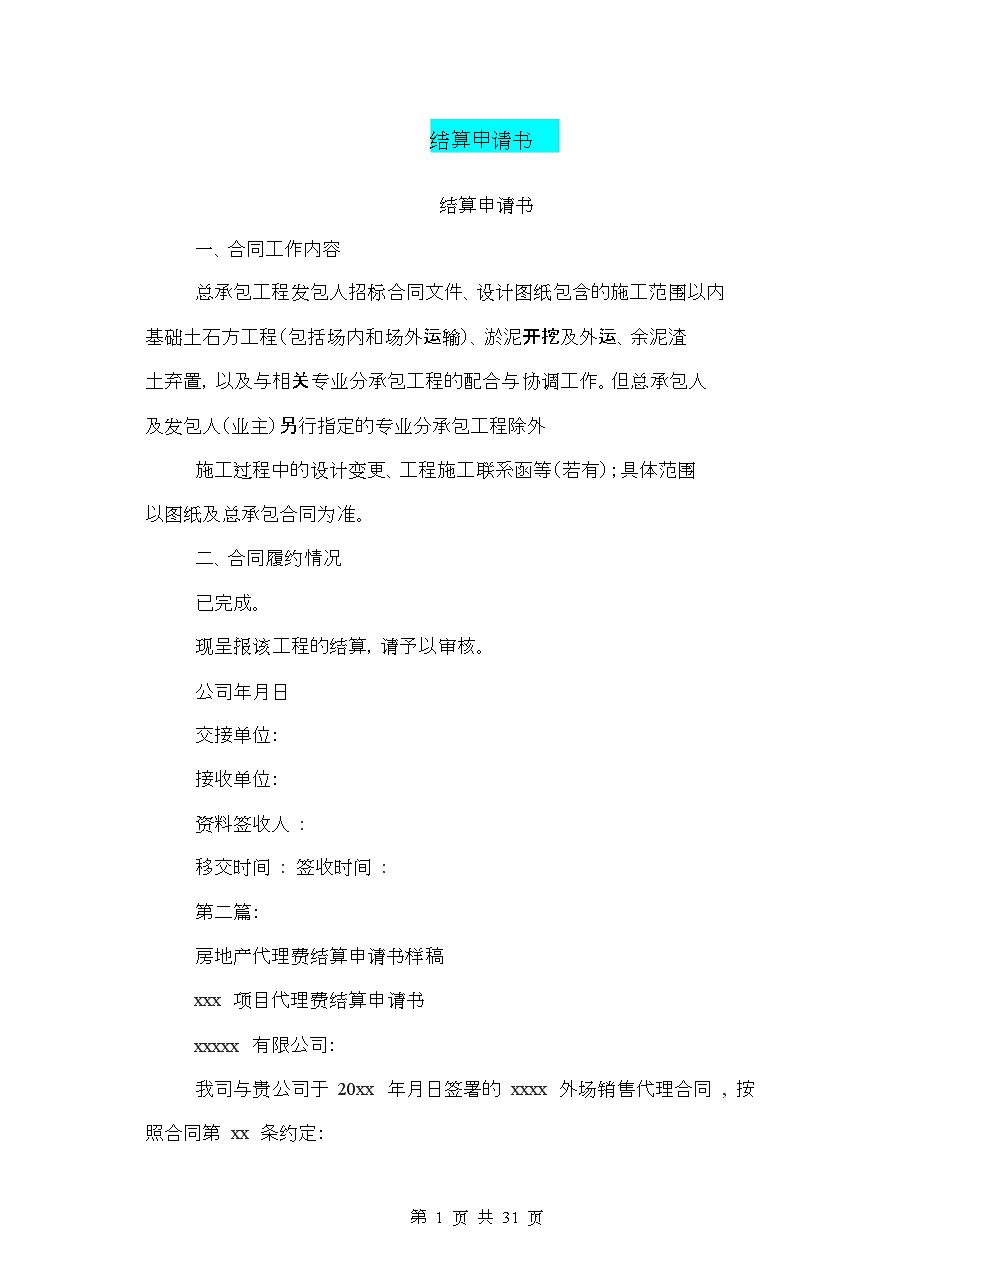 结算申请书(完整版).docx